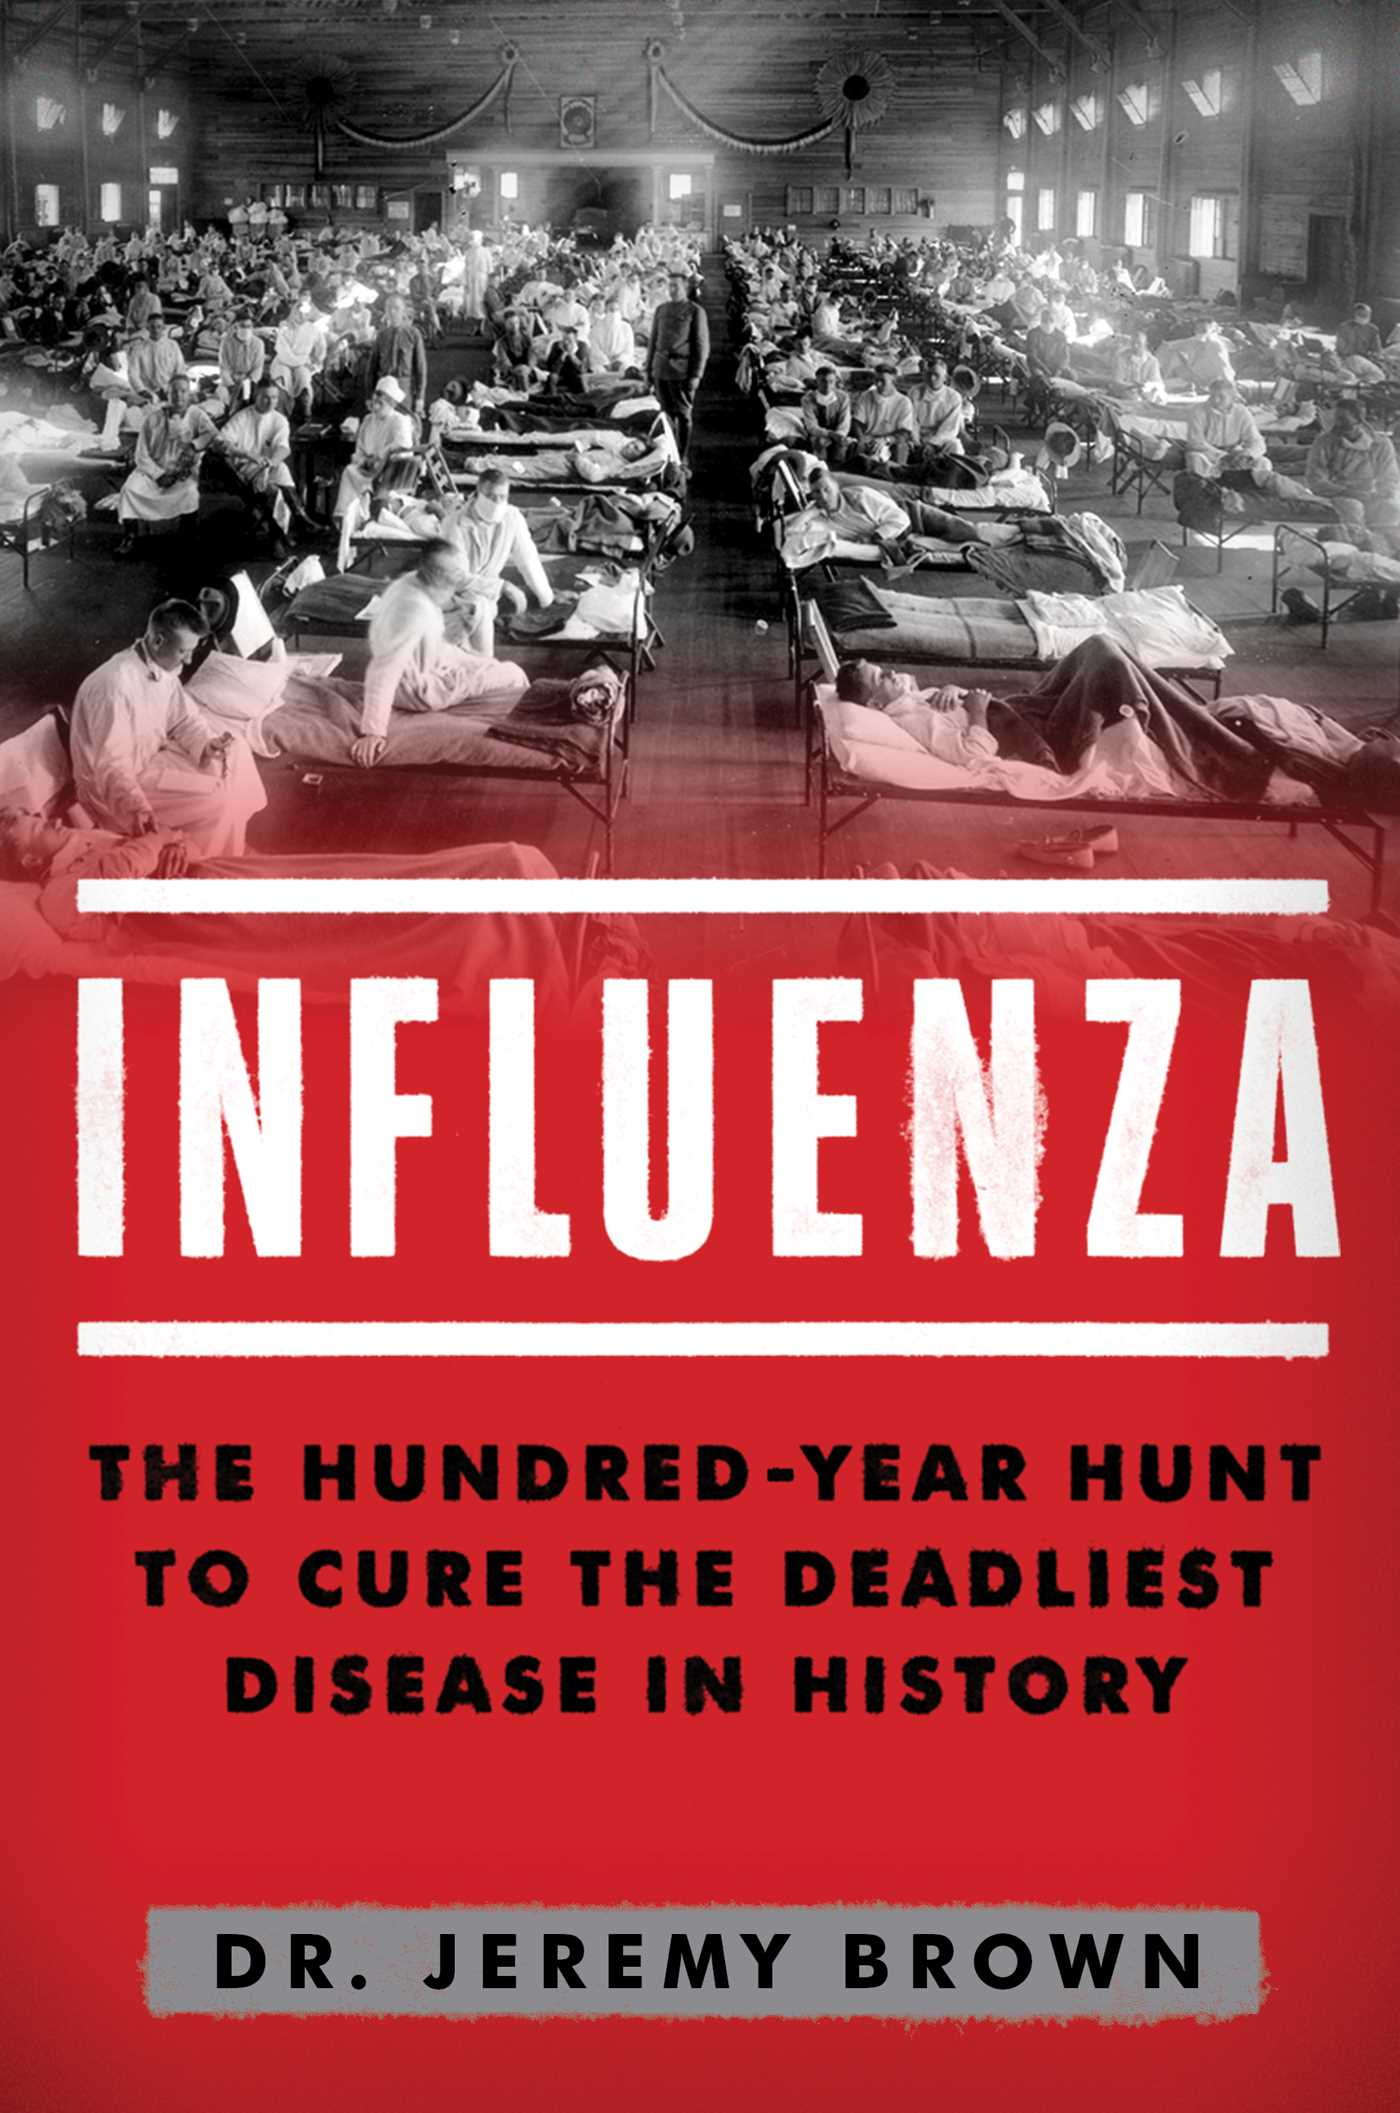 Influenza 9781501181245 hr